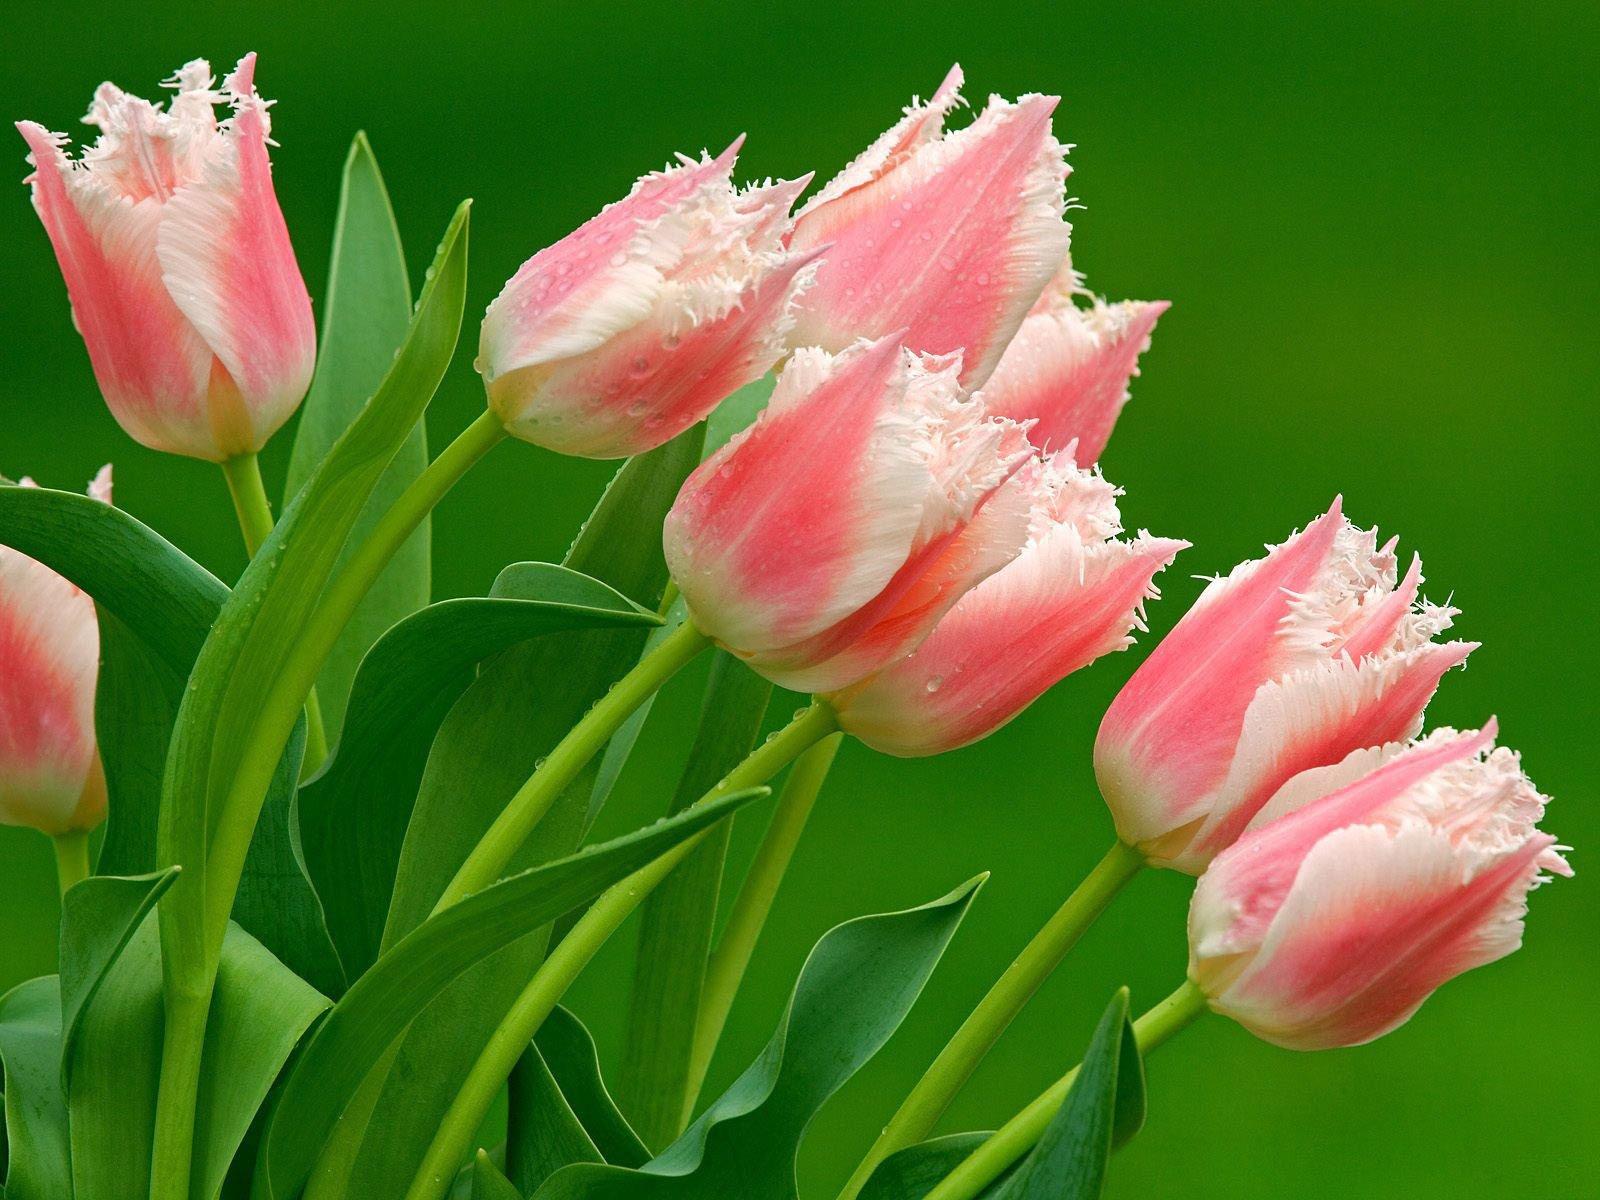 этой группе тюльпаны фото на аву сюда сейчас зайдёт